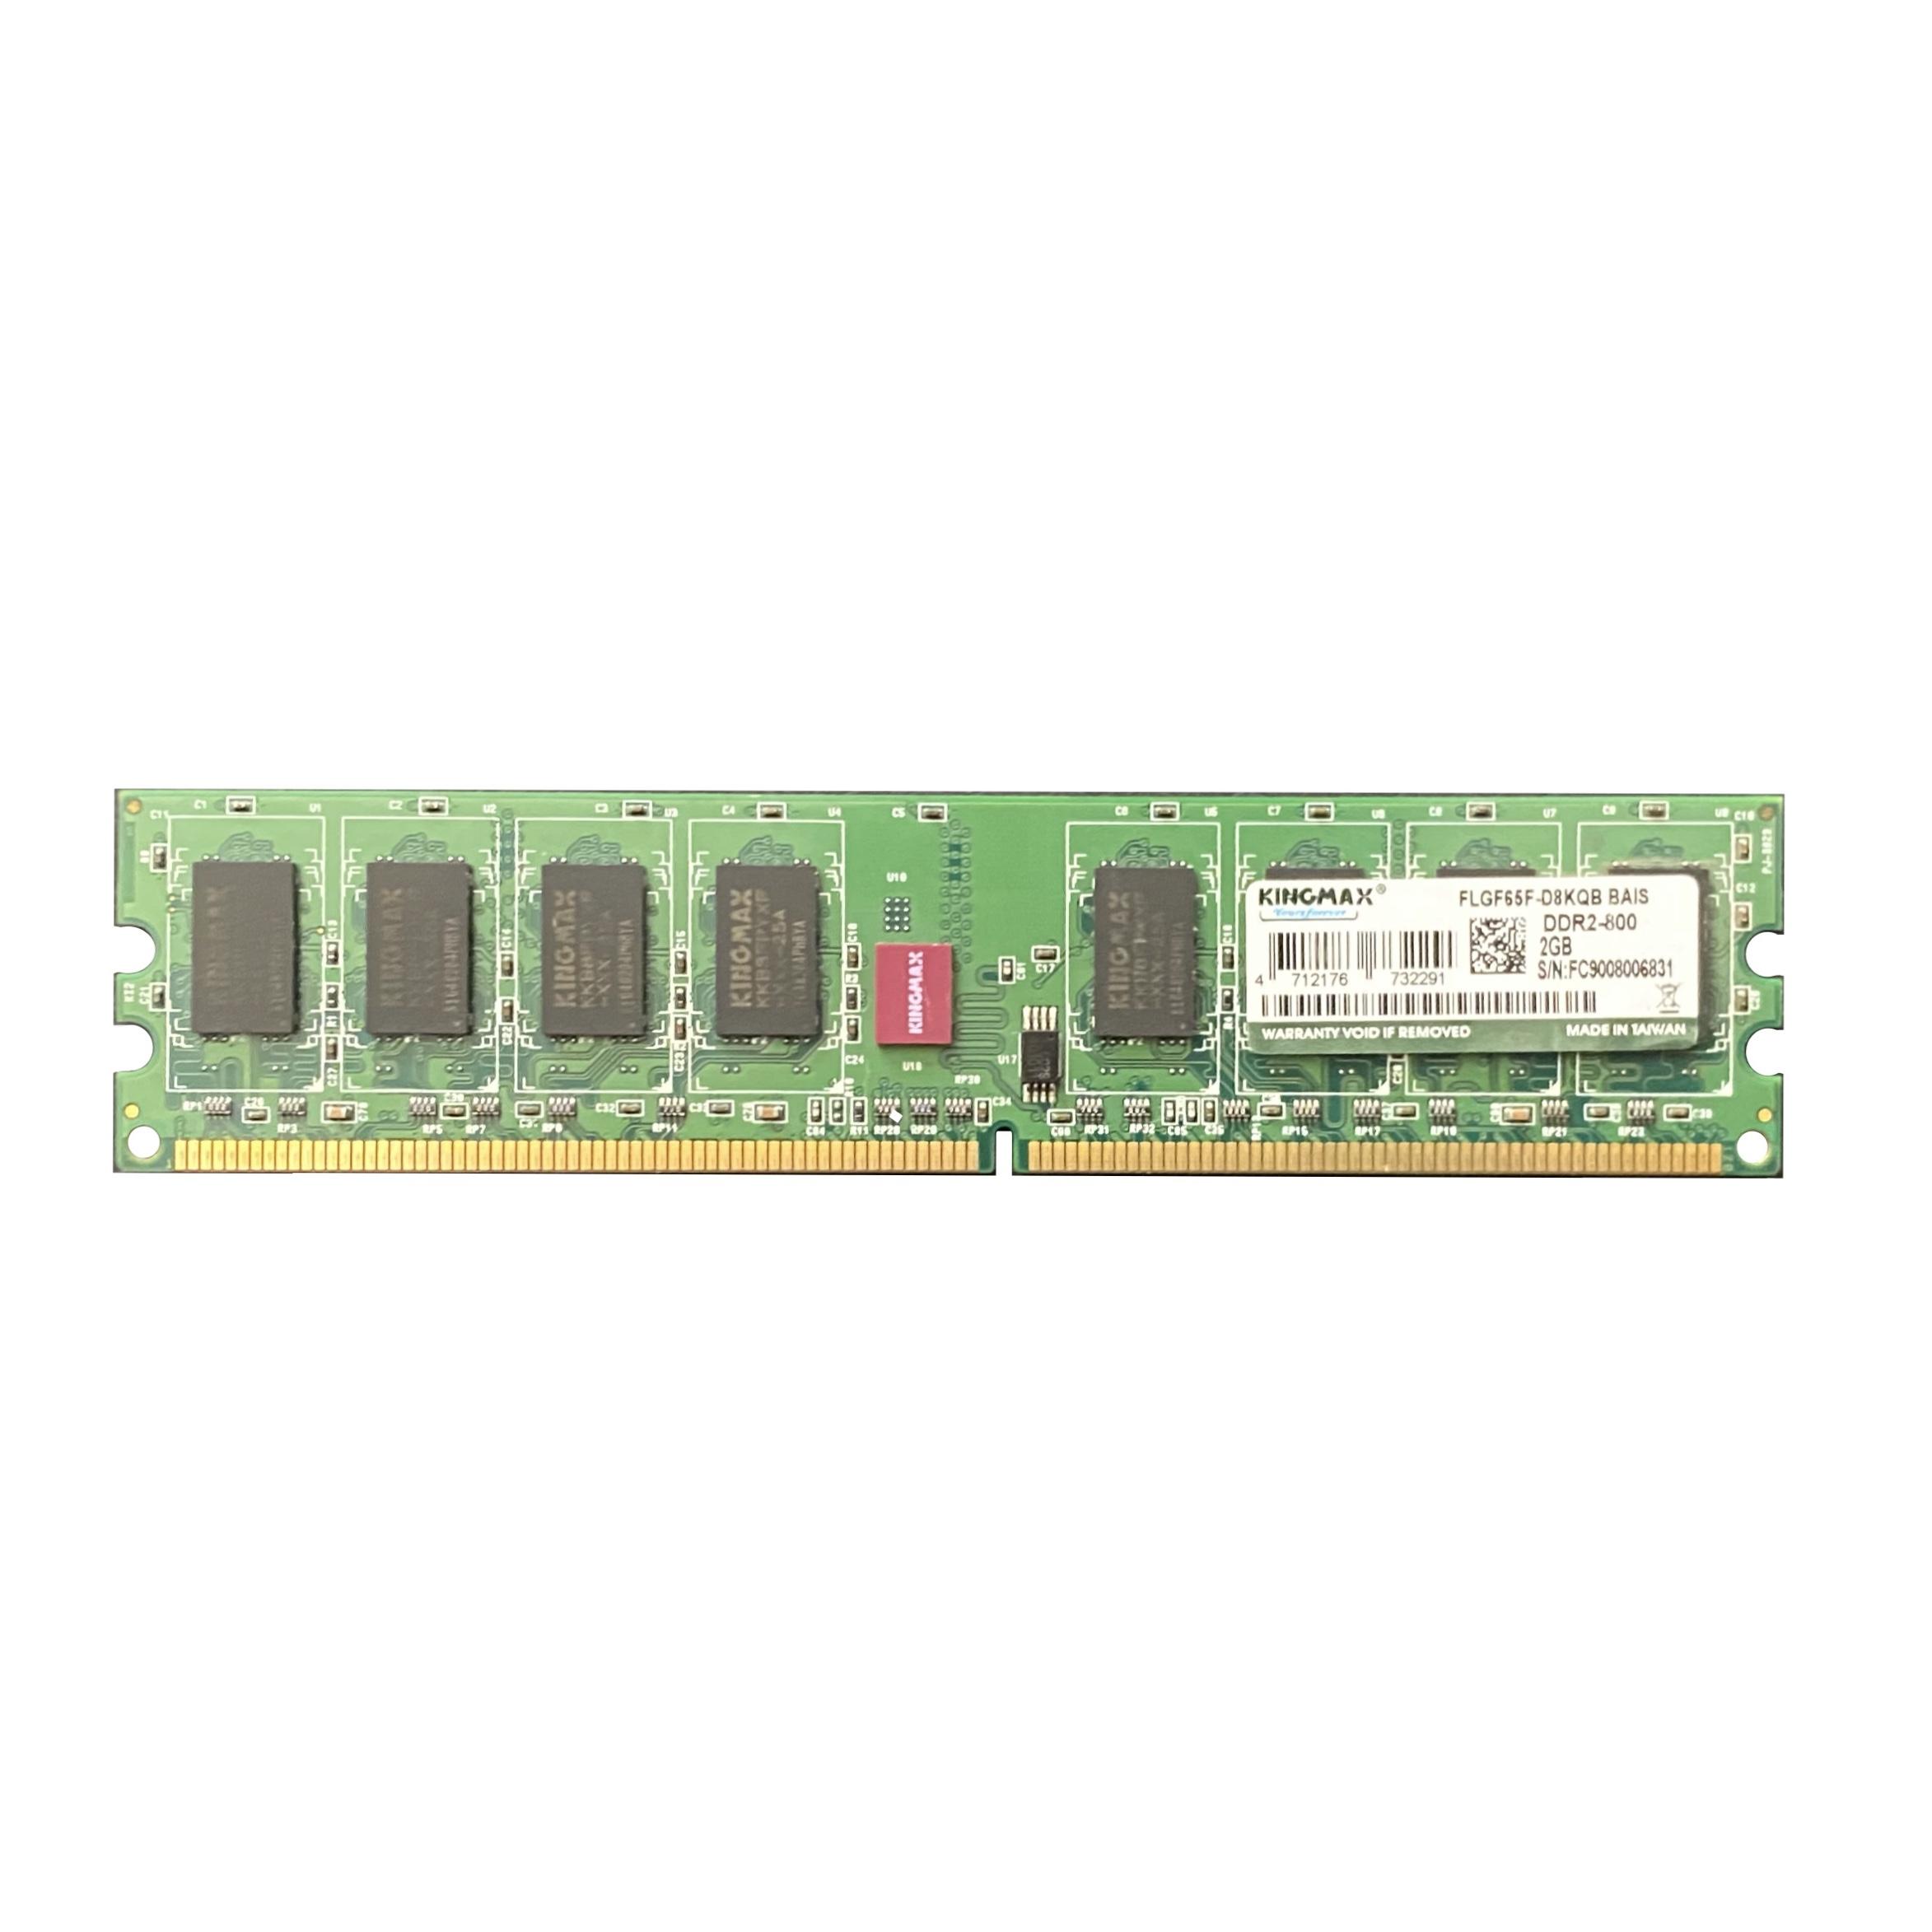 رم دسکتاپ DDR2 تک کاناله 800 مگاهرتز CL6کینگ مکس مدل kvrFLG  ظرفیت 2 گیگابایت